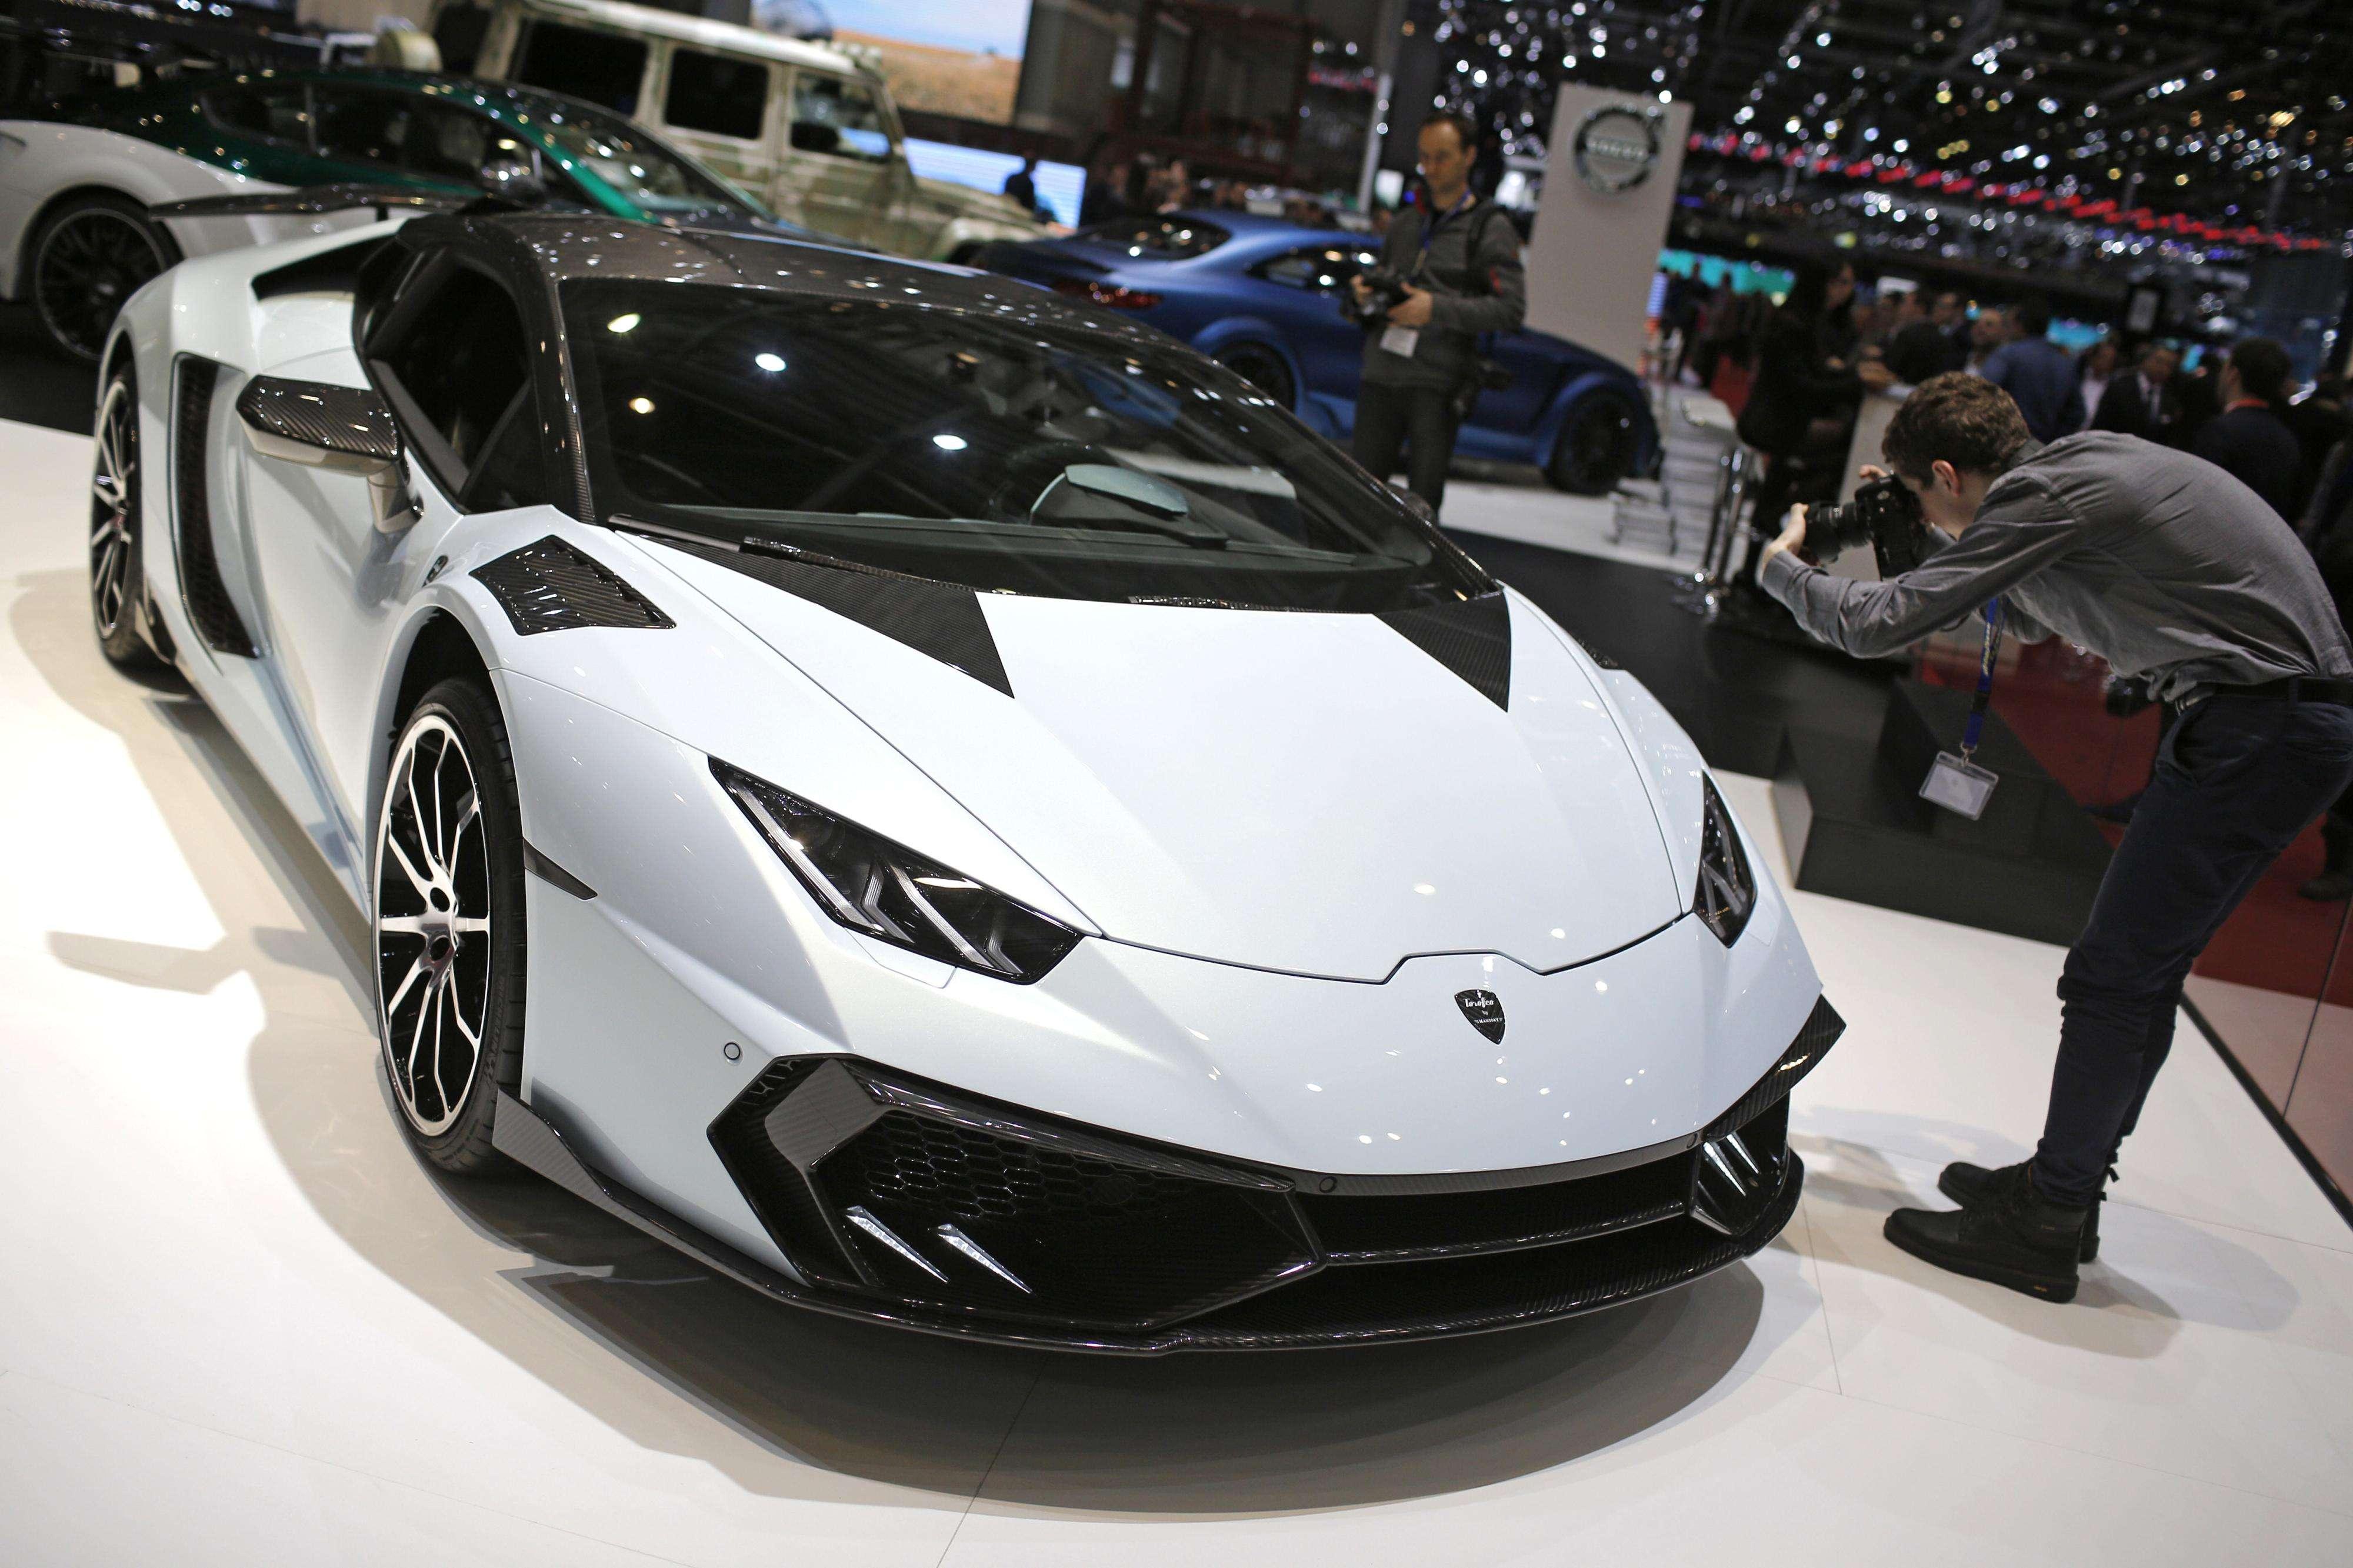 El Mansory Torofeo, presentado en el Salón del Automóvil de Ginebra 2015. Foto: AP Photo